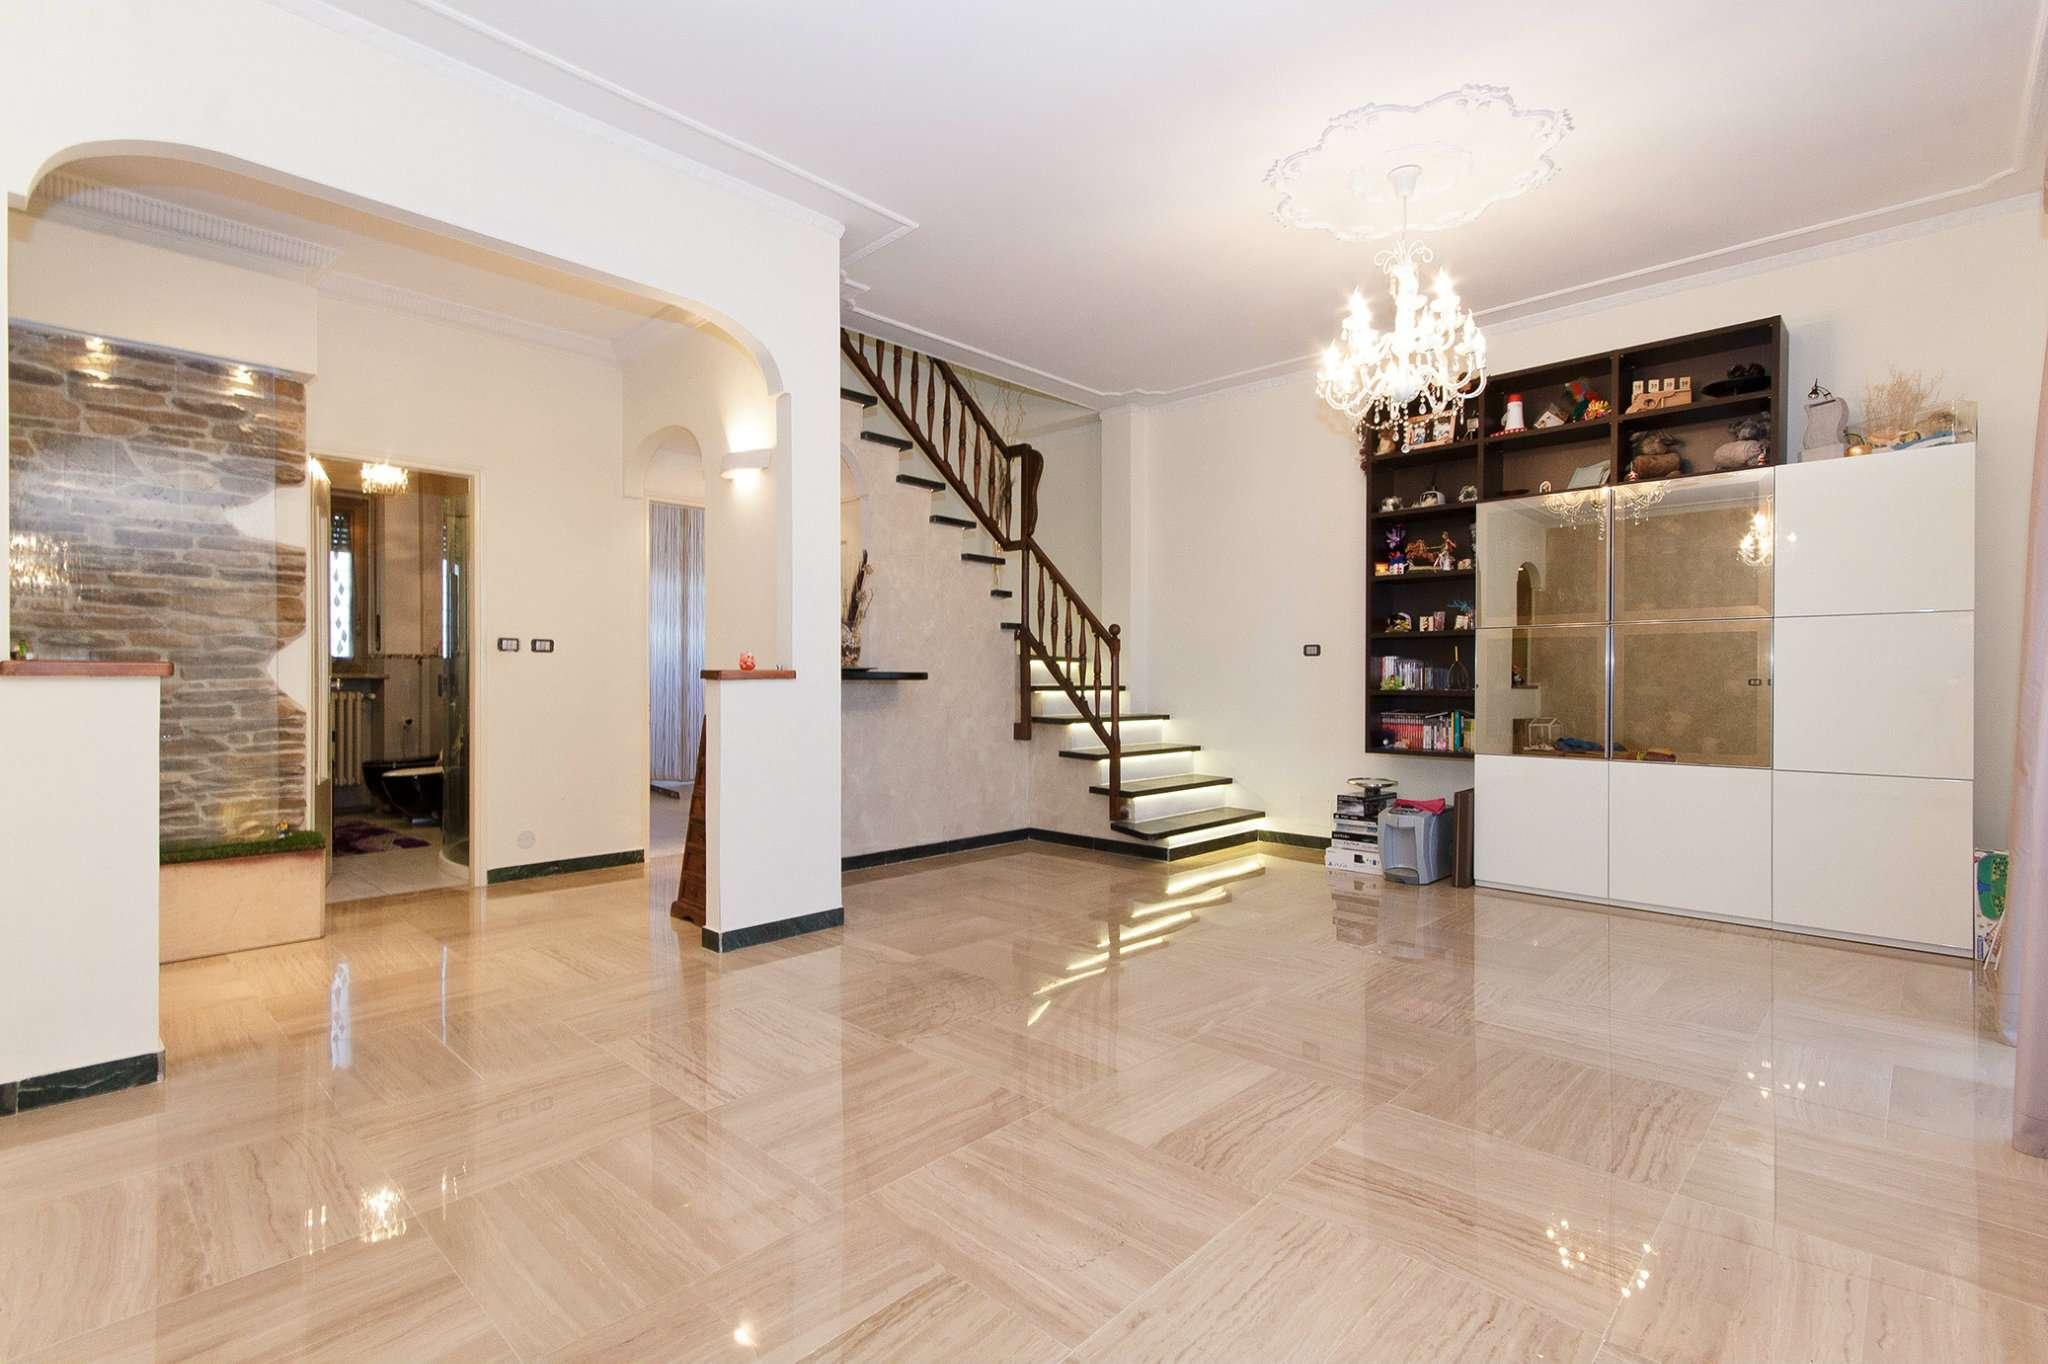 Attico / Mansarda in vendita a Torino, 5 locali, zona Zona: 15 . Pozzo Strada, Parella, prezzo € 469.000 | Cambio Casa.it